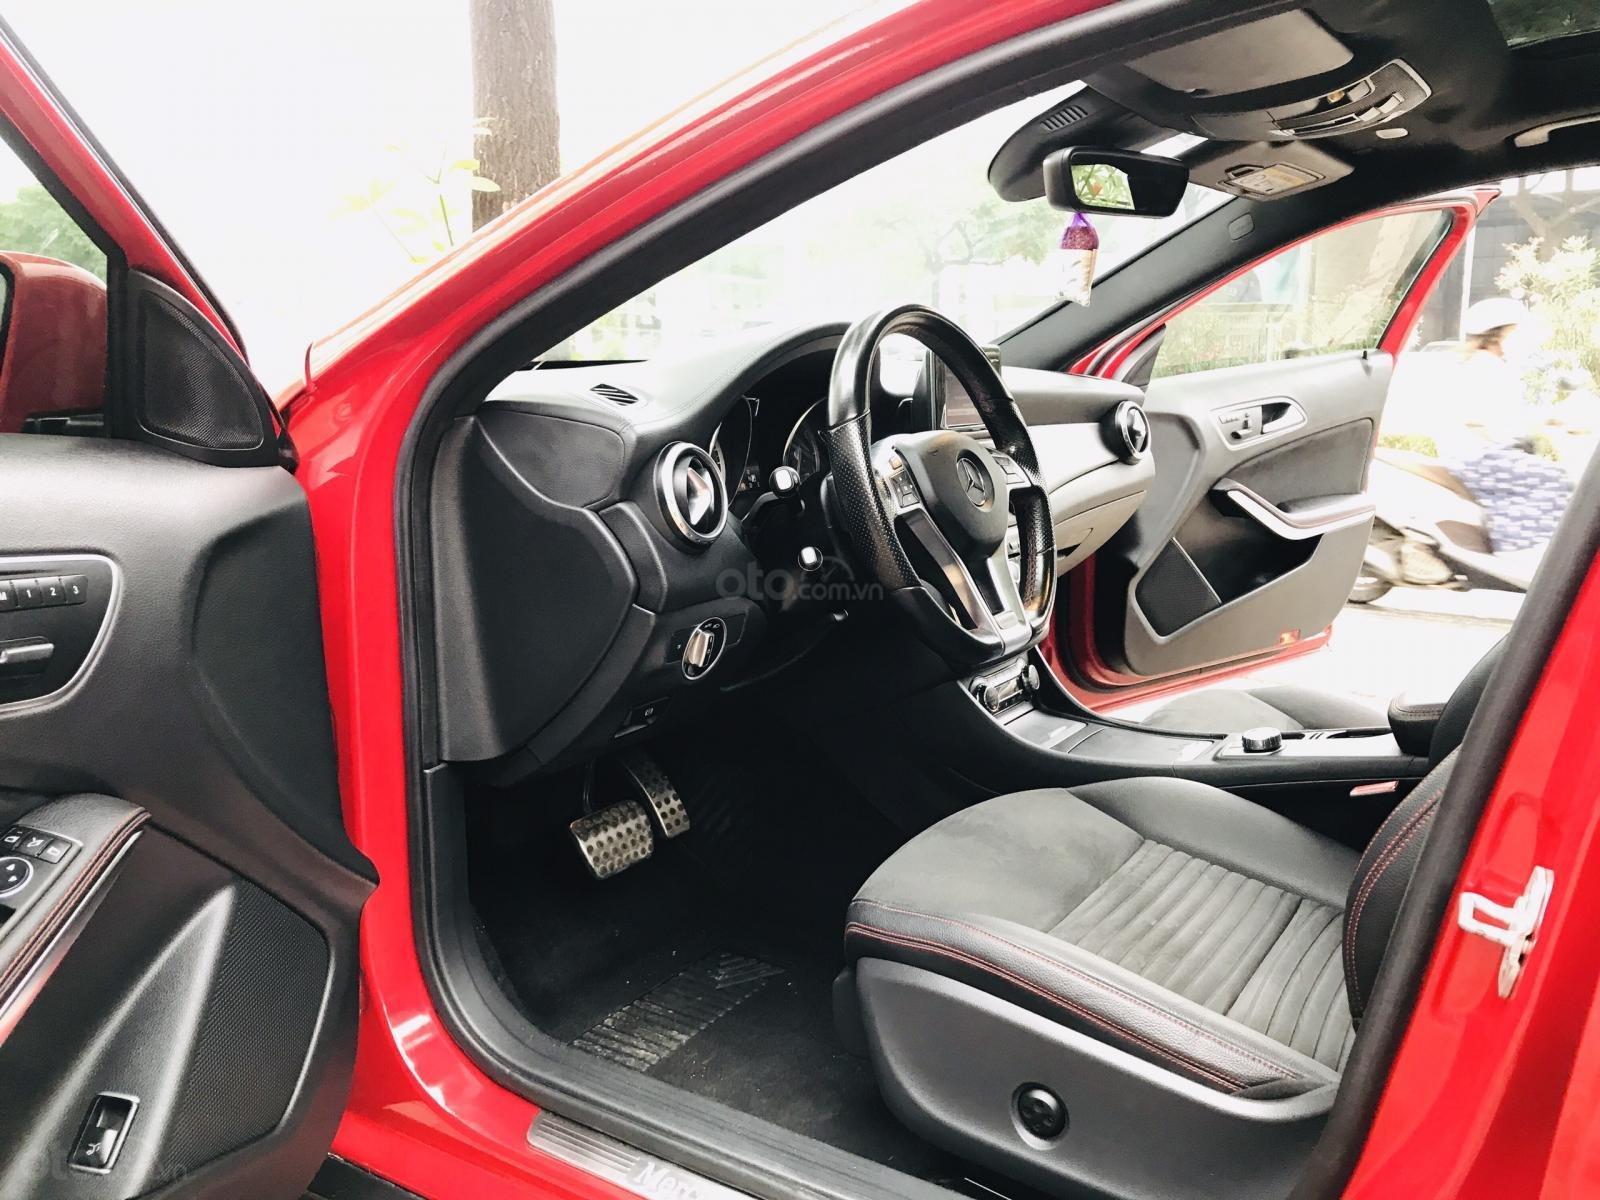 Bán ô tô Mercedes GLA 250 4Matic đời 2016, màu đỏ, nhập khẩu nguyên chiếc (14)